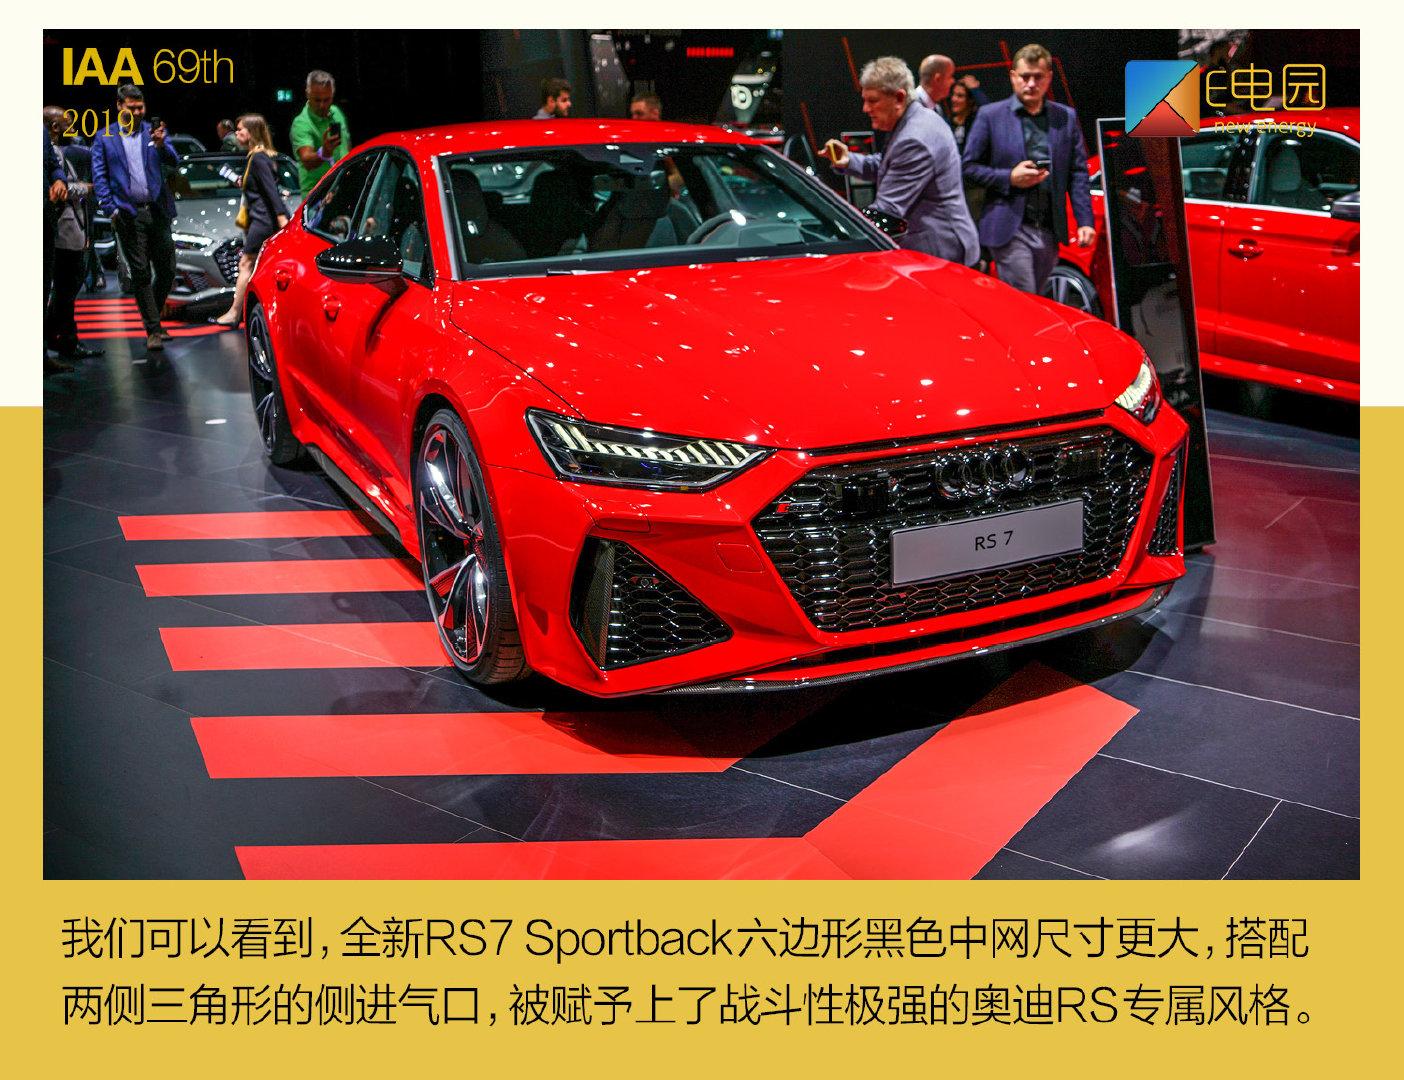 设计更激进/引入48V轻混系统 实拍全新奥迪RS7 Sportback